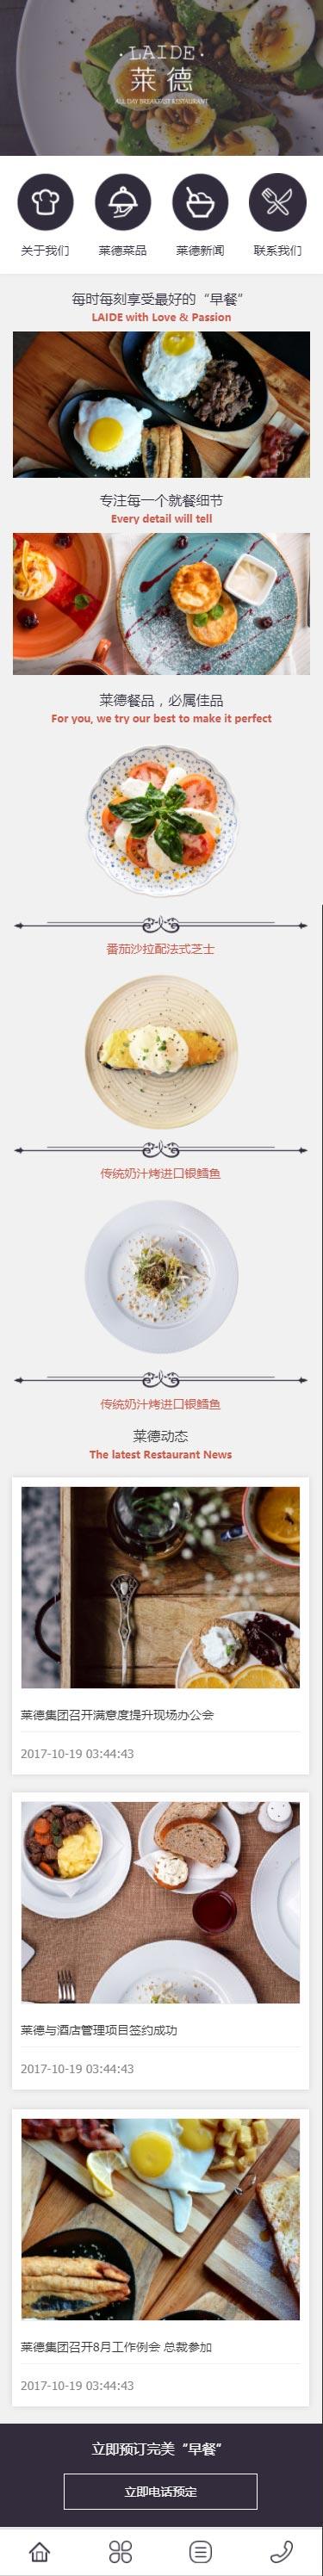 莱德餐厅展示模板